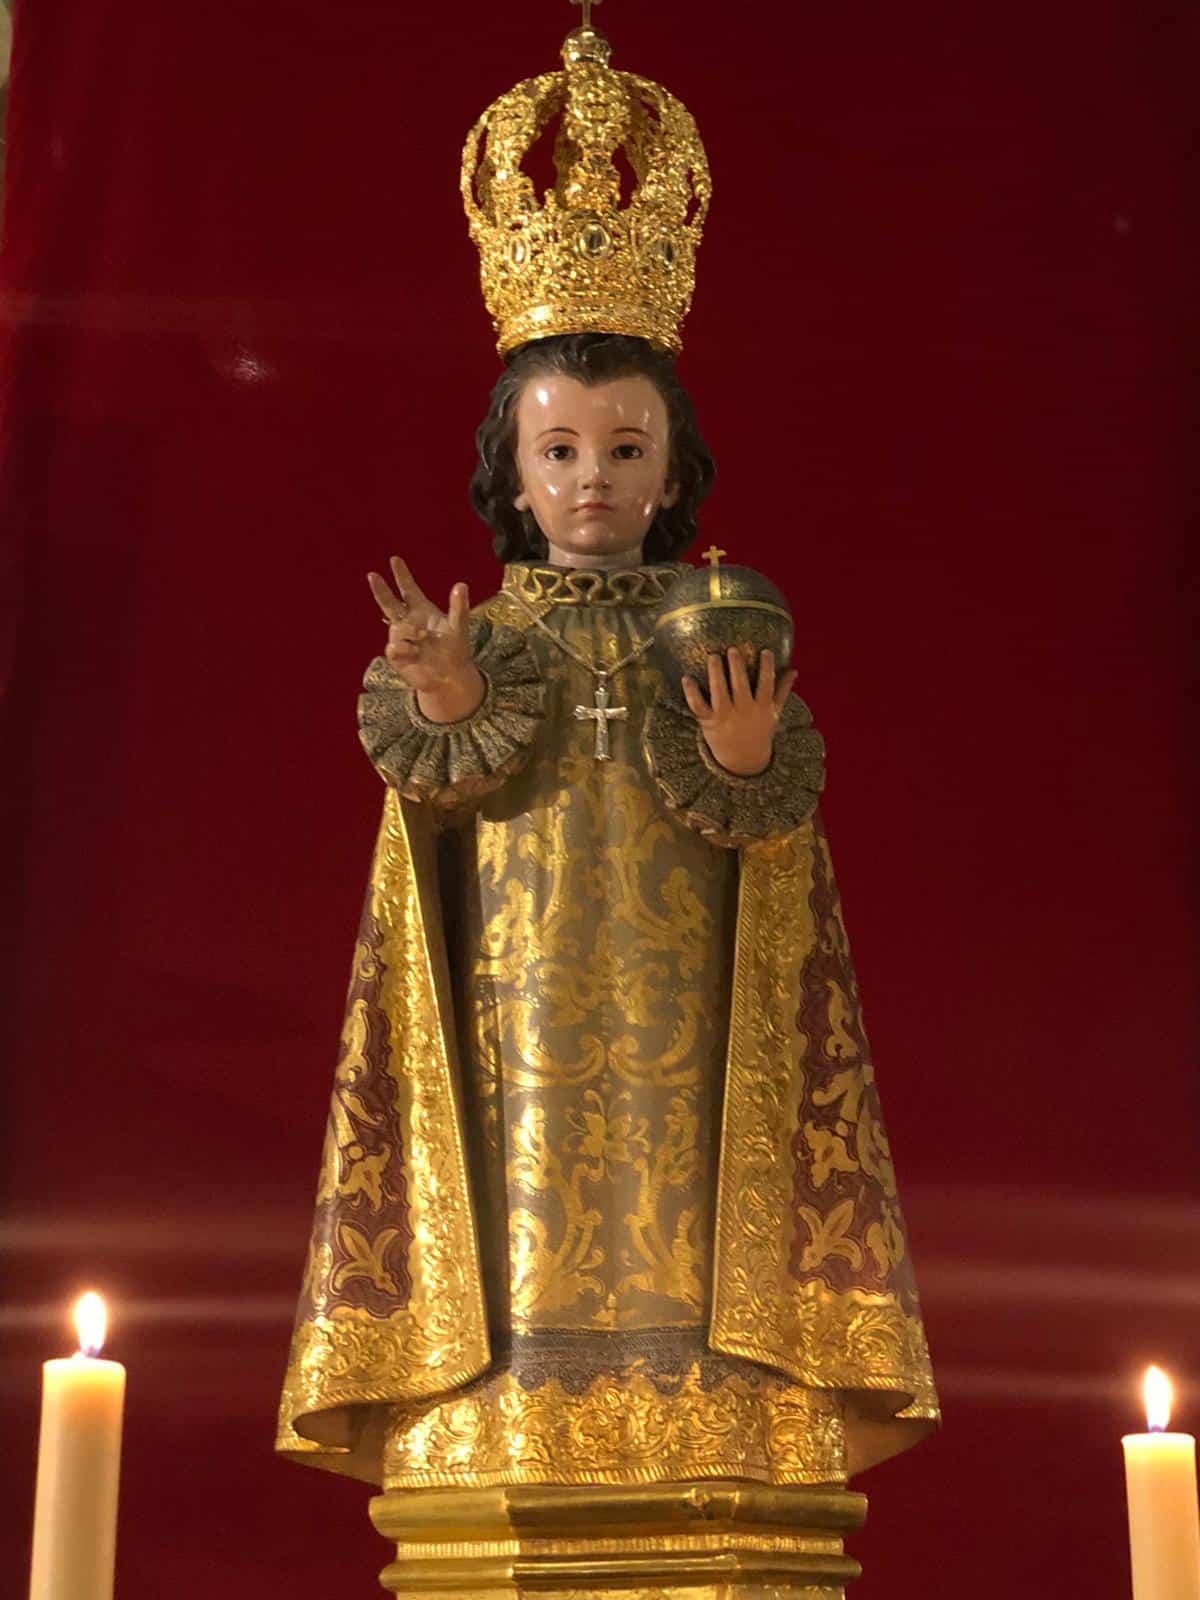 Triduo Niño Jesús Praga